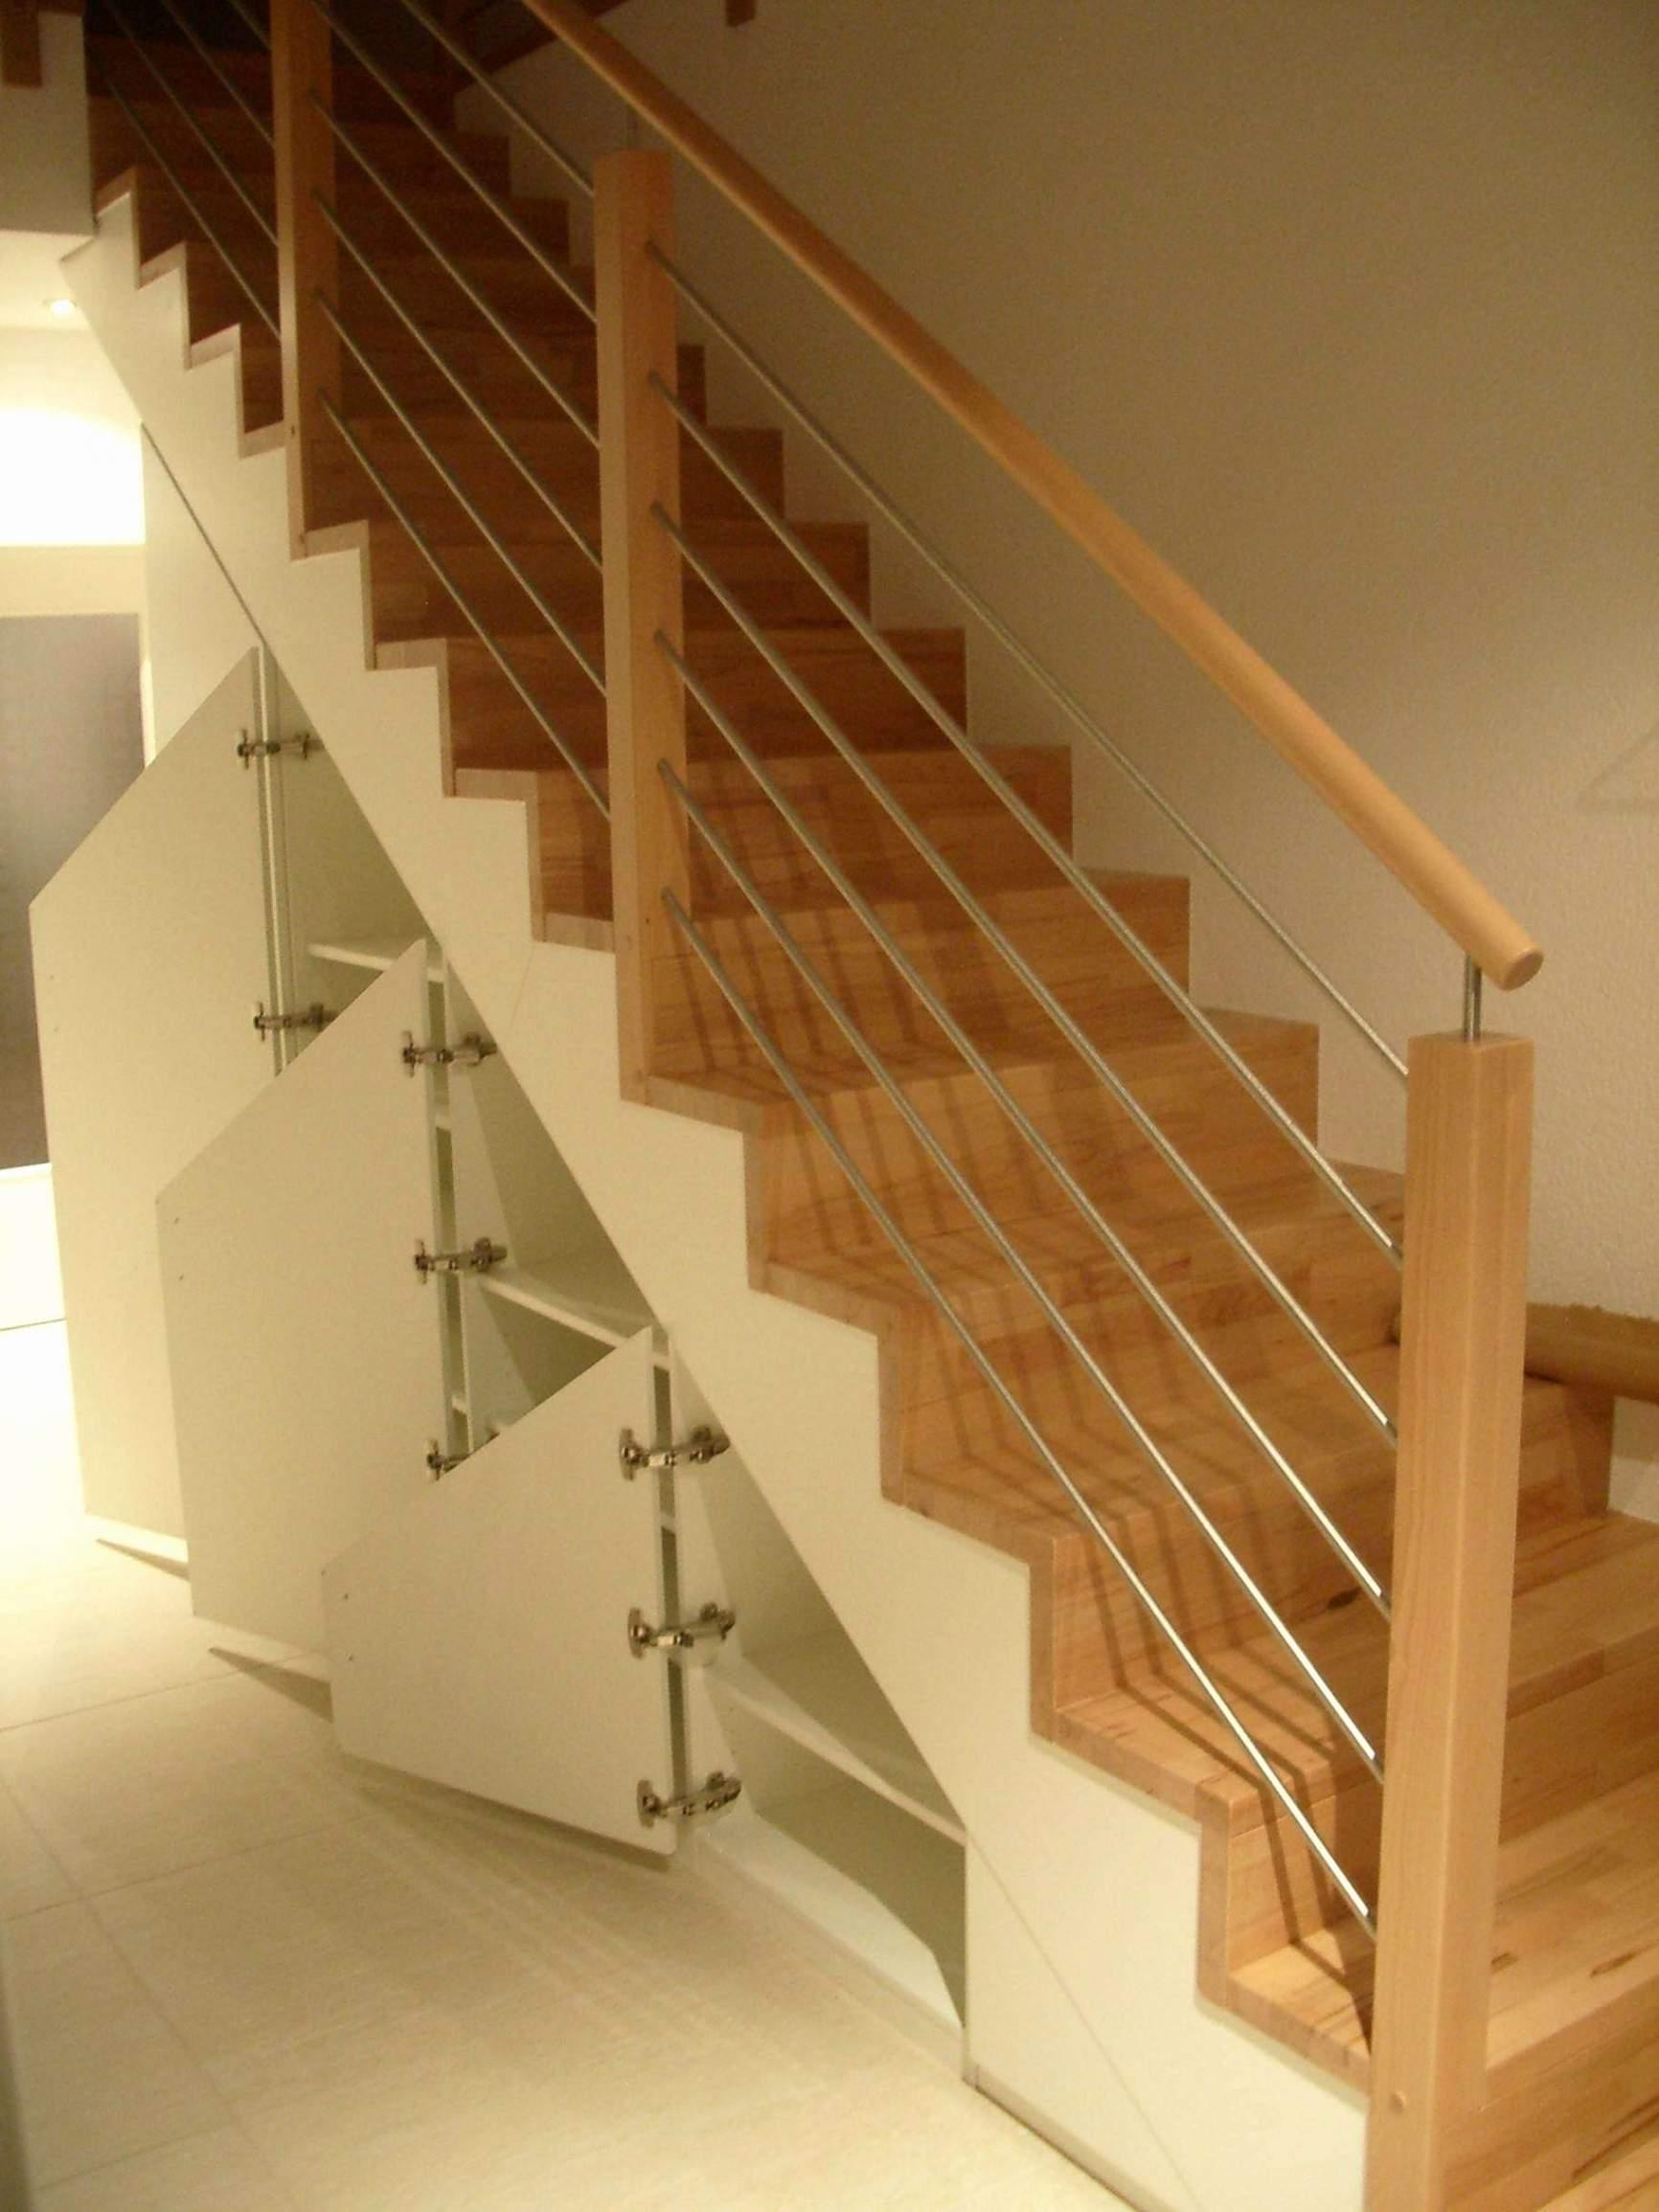 45 schon handlauf edelstahl grafik treppe ohne handlauf erlaubt treppe ohne handlauf erlaubt